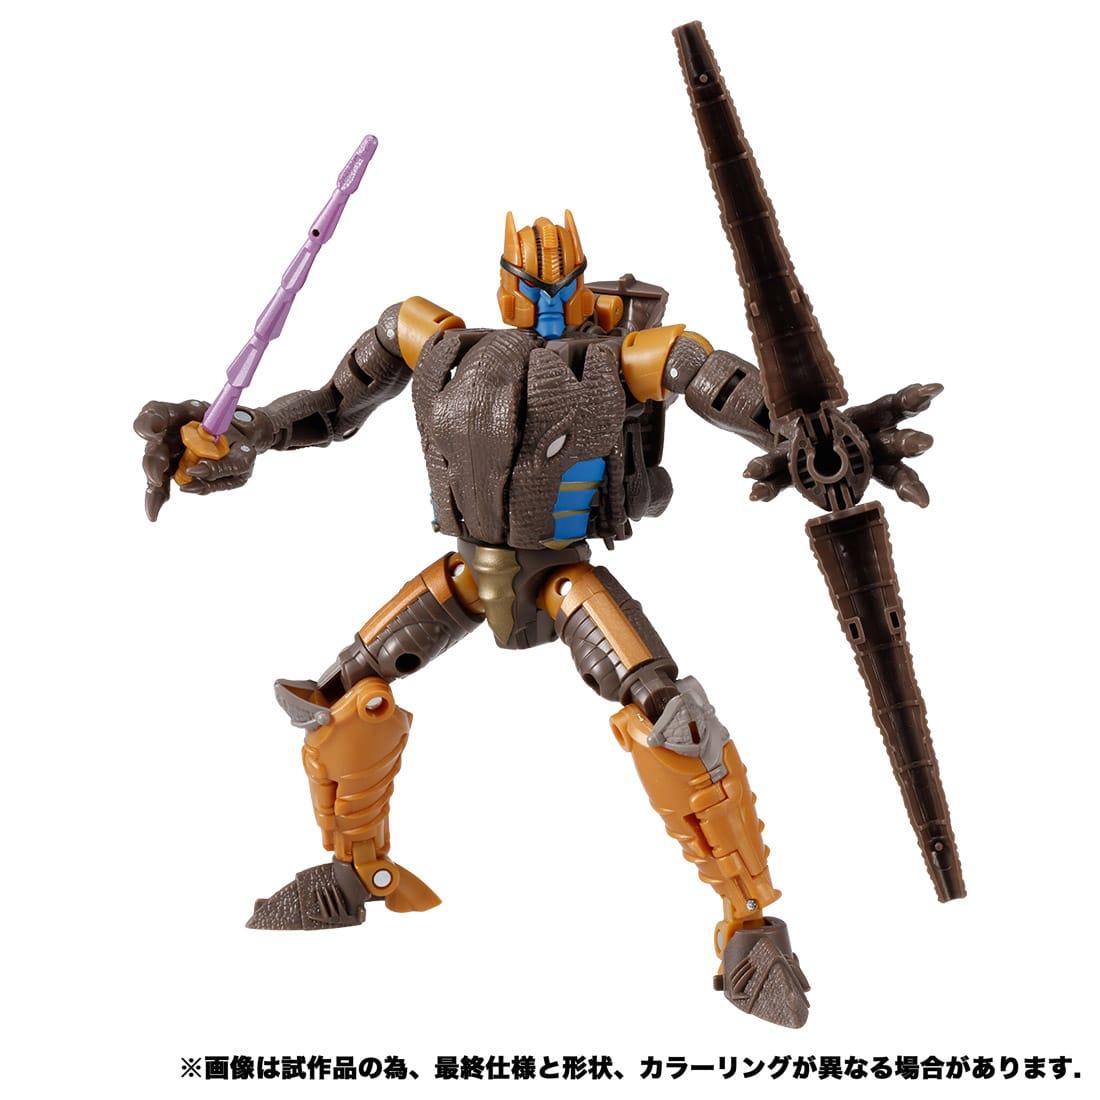 トランスフォーマー キングダム『KD-08 ダイノボット』可変可動フィギュア-003